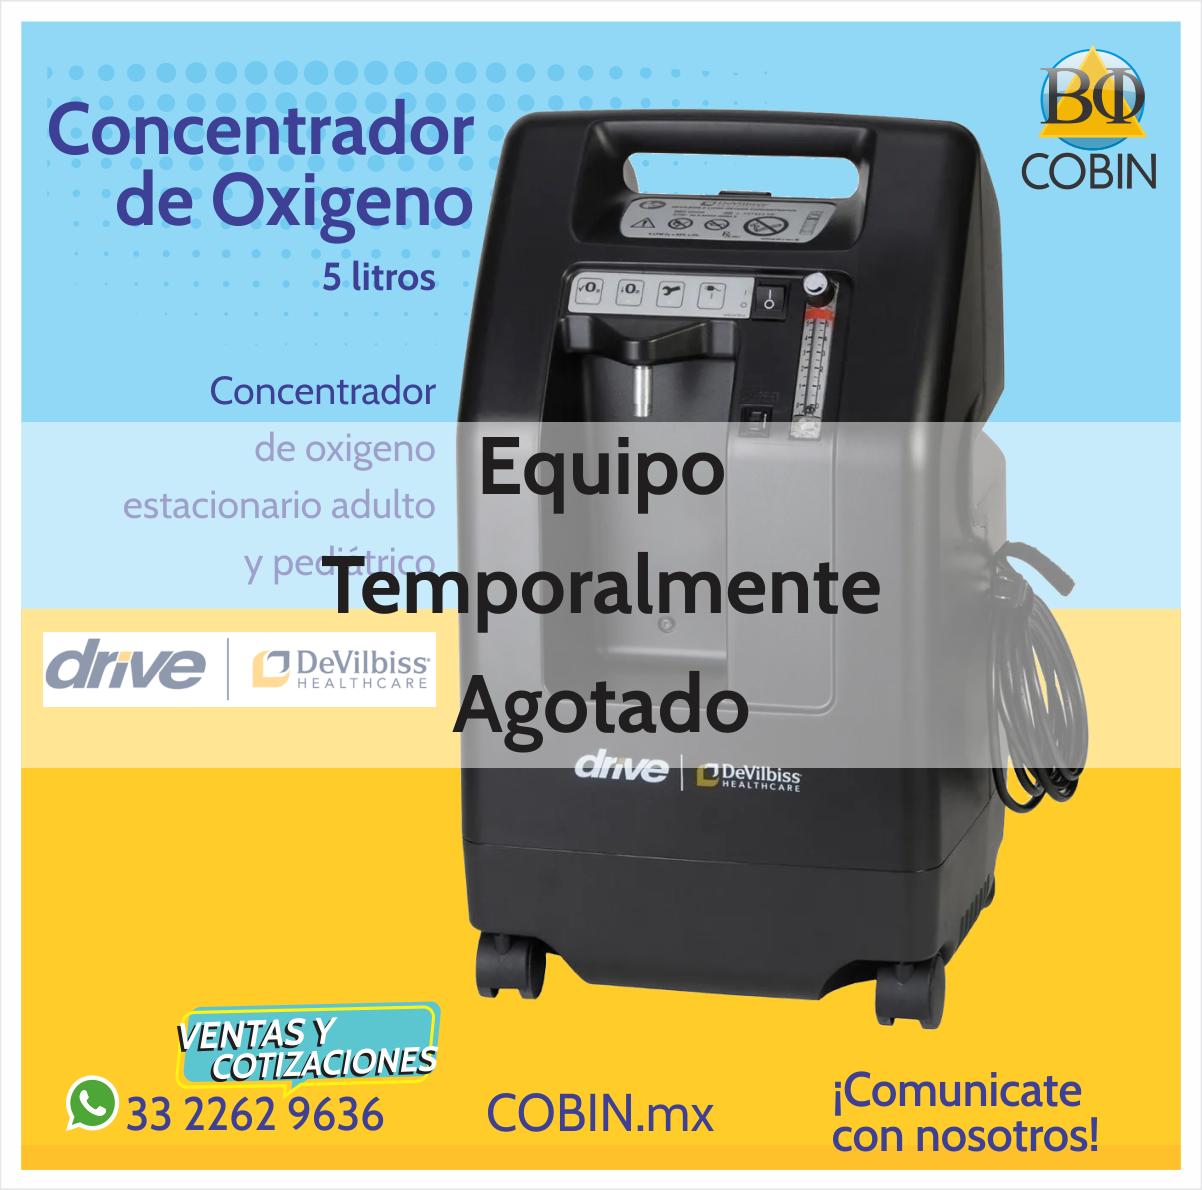 Concentrador de Oxigeno 5 lt. DeVilbis